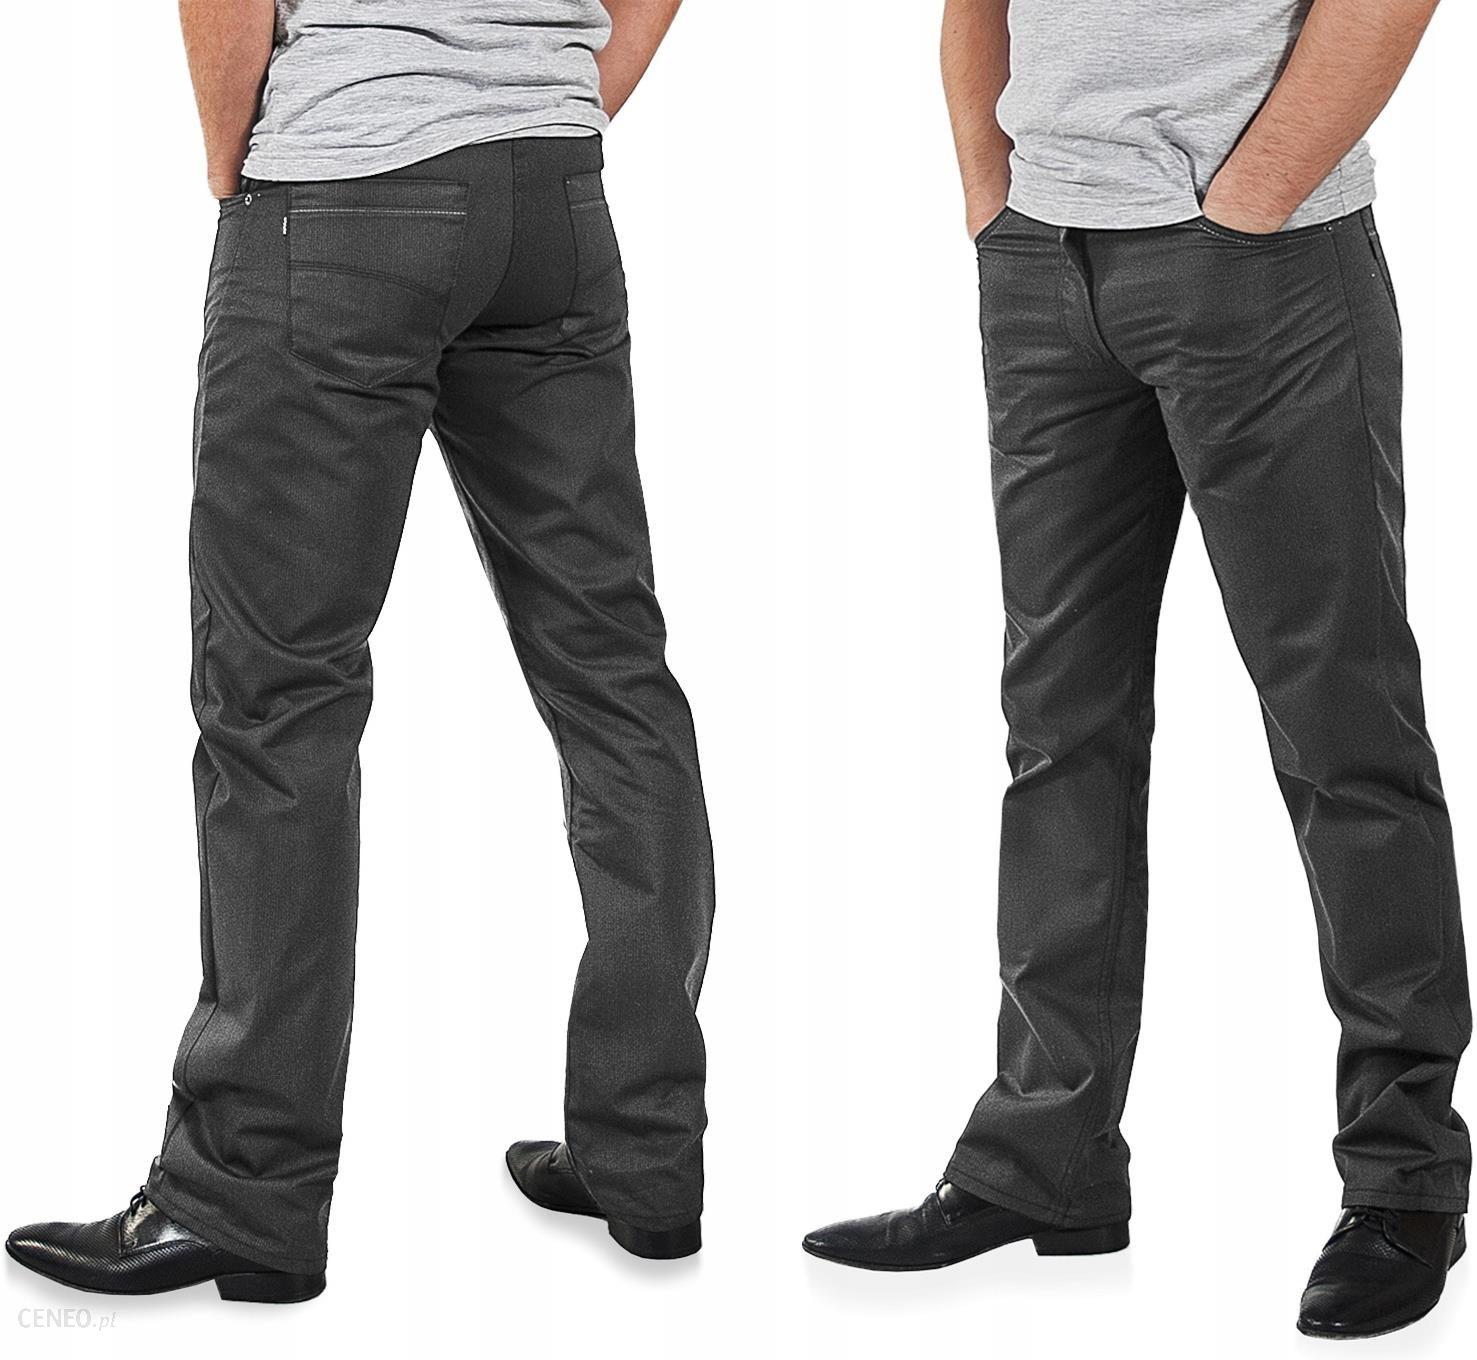 5eaf7508b Eleganckie Spodnie Męskie Wizytowe 610/4D 96 cm/30 - Ceny i opinie ...